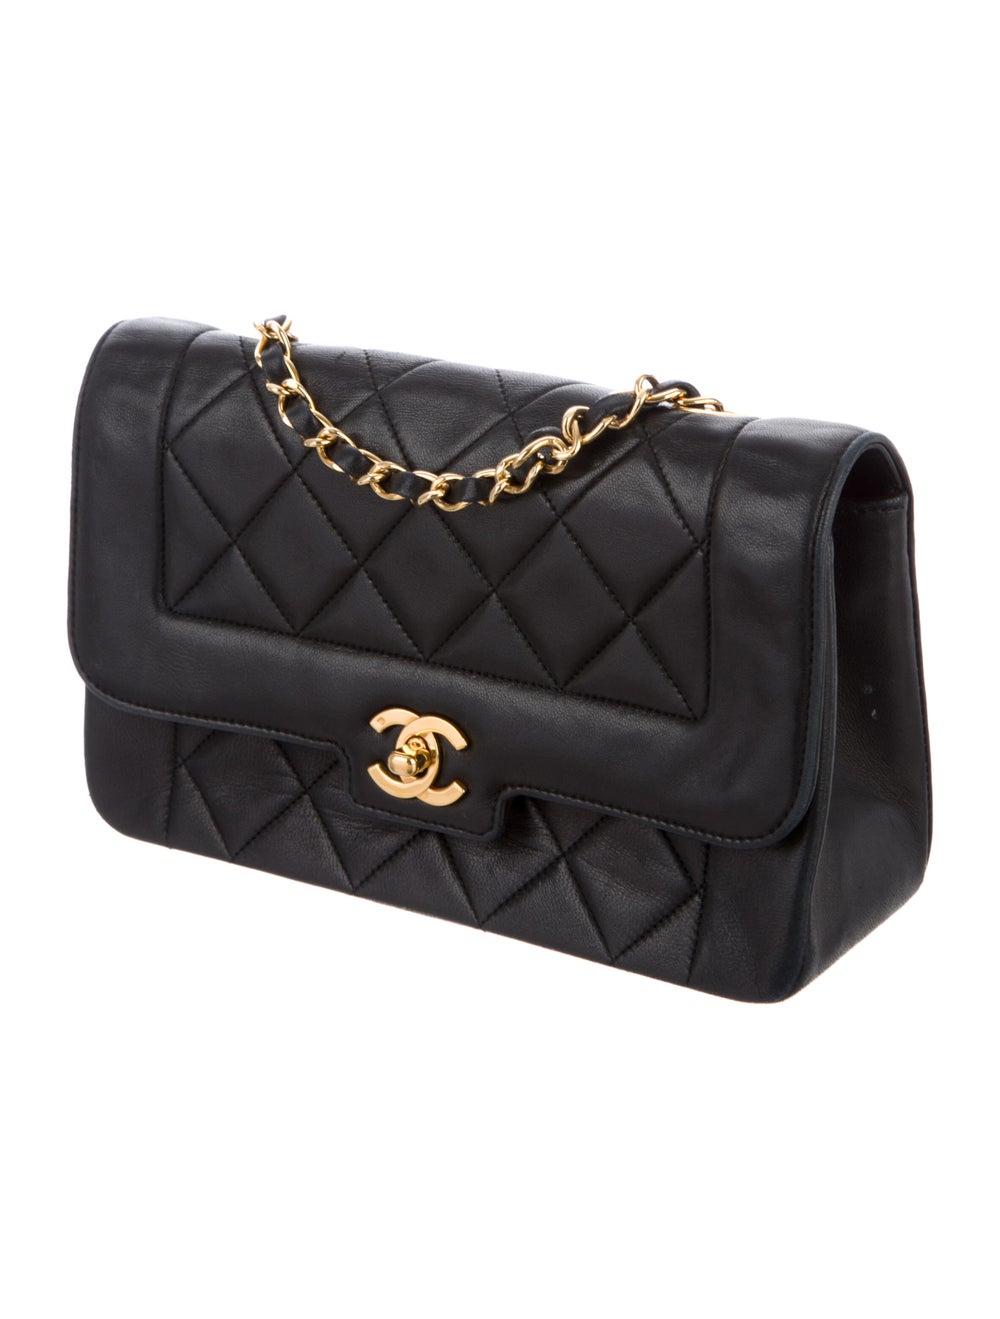 Chanel Vintage Diana Flap Bag Blue - image 3